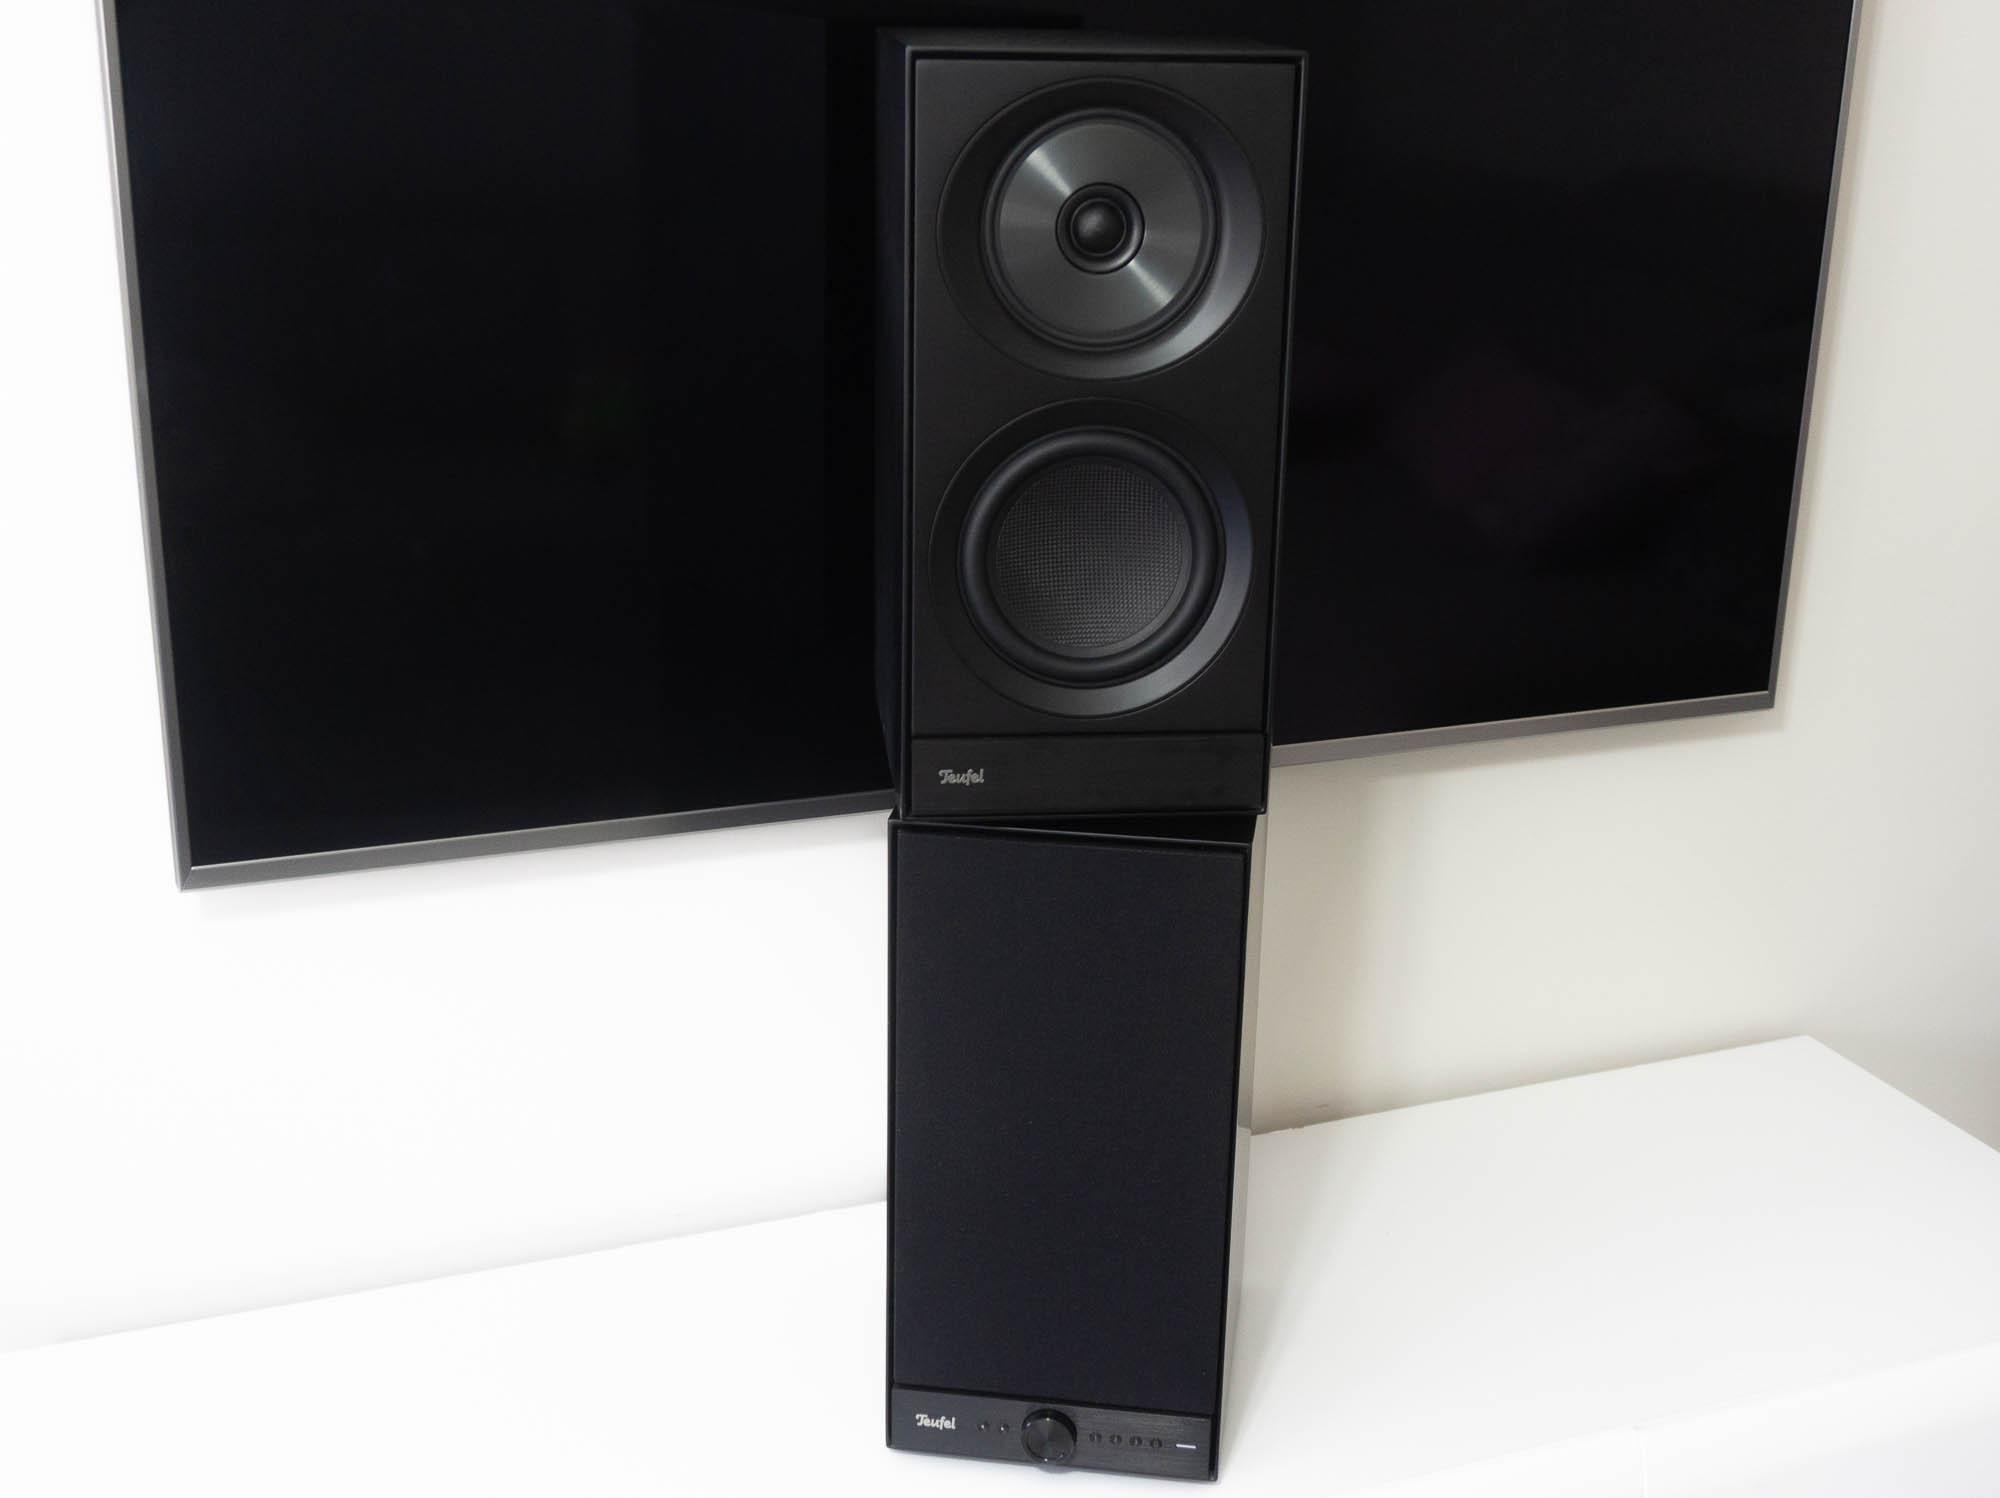 Dyskretny dostawca wielkiej przyjemności - Teufel Stereo M (recenzja) 35